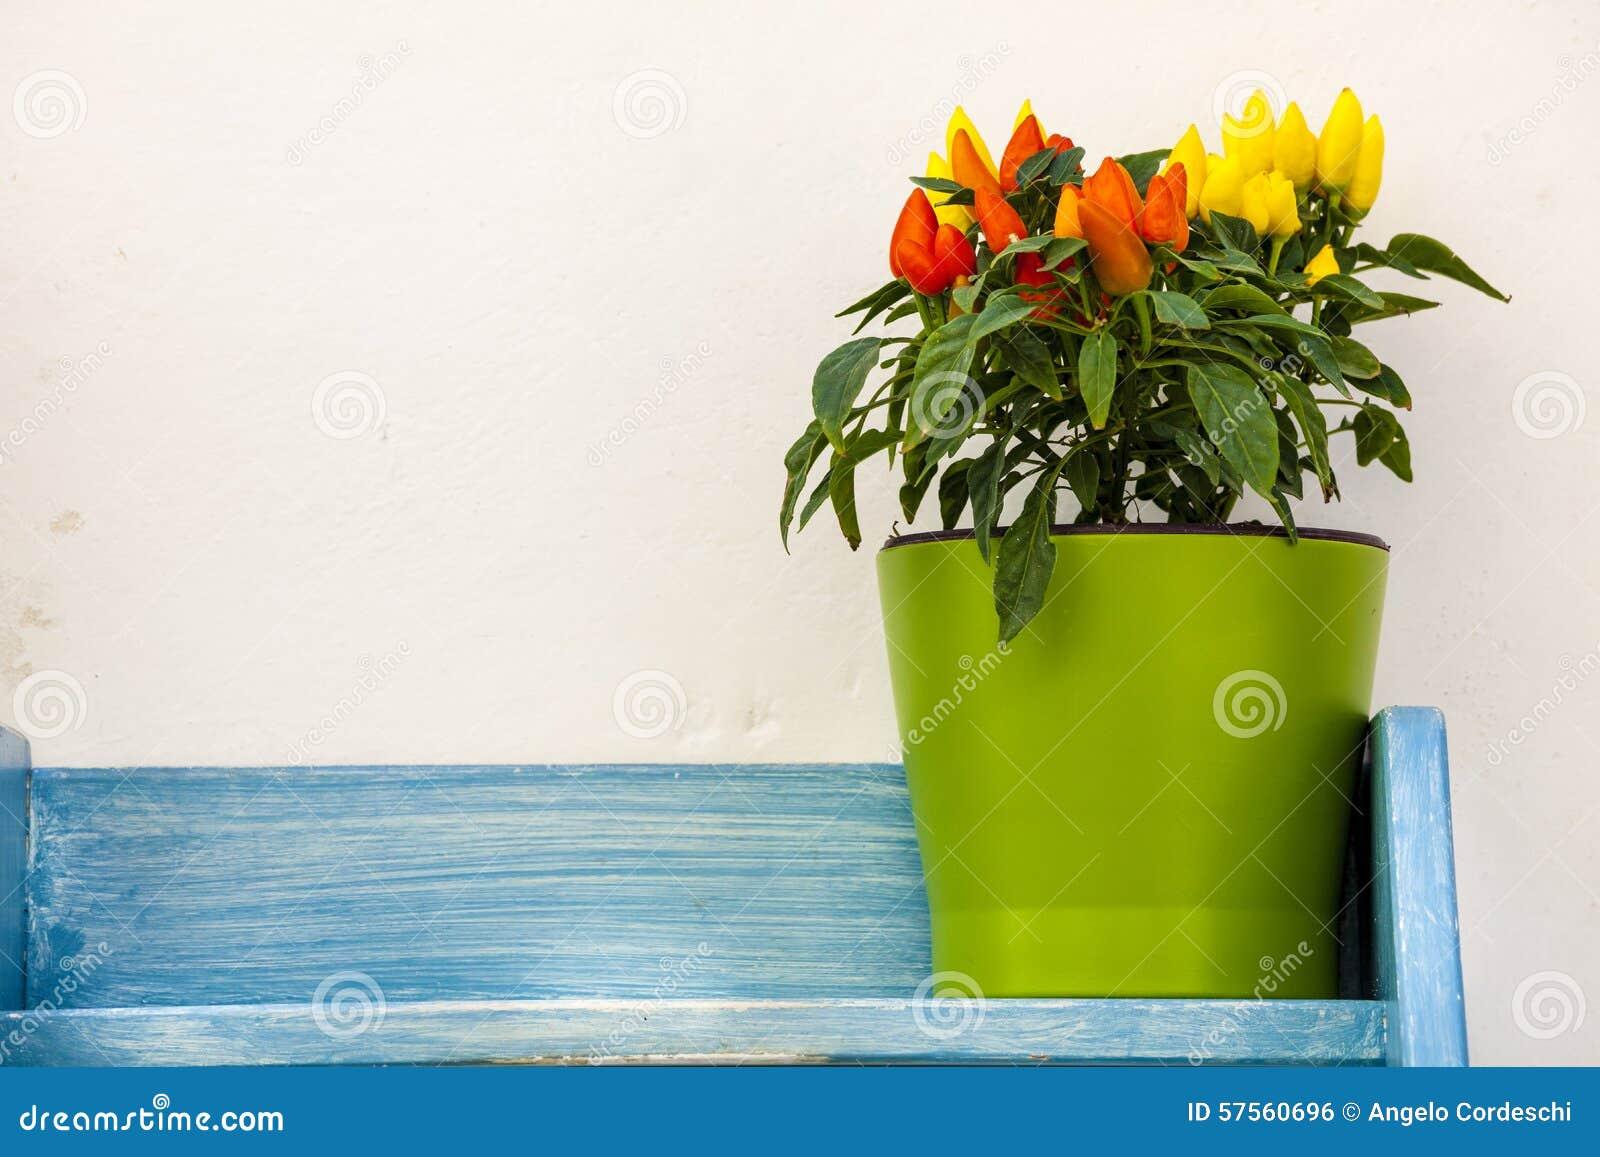 Blomkrukapeppar på trähyllablått